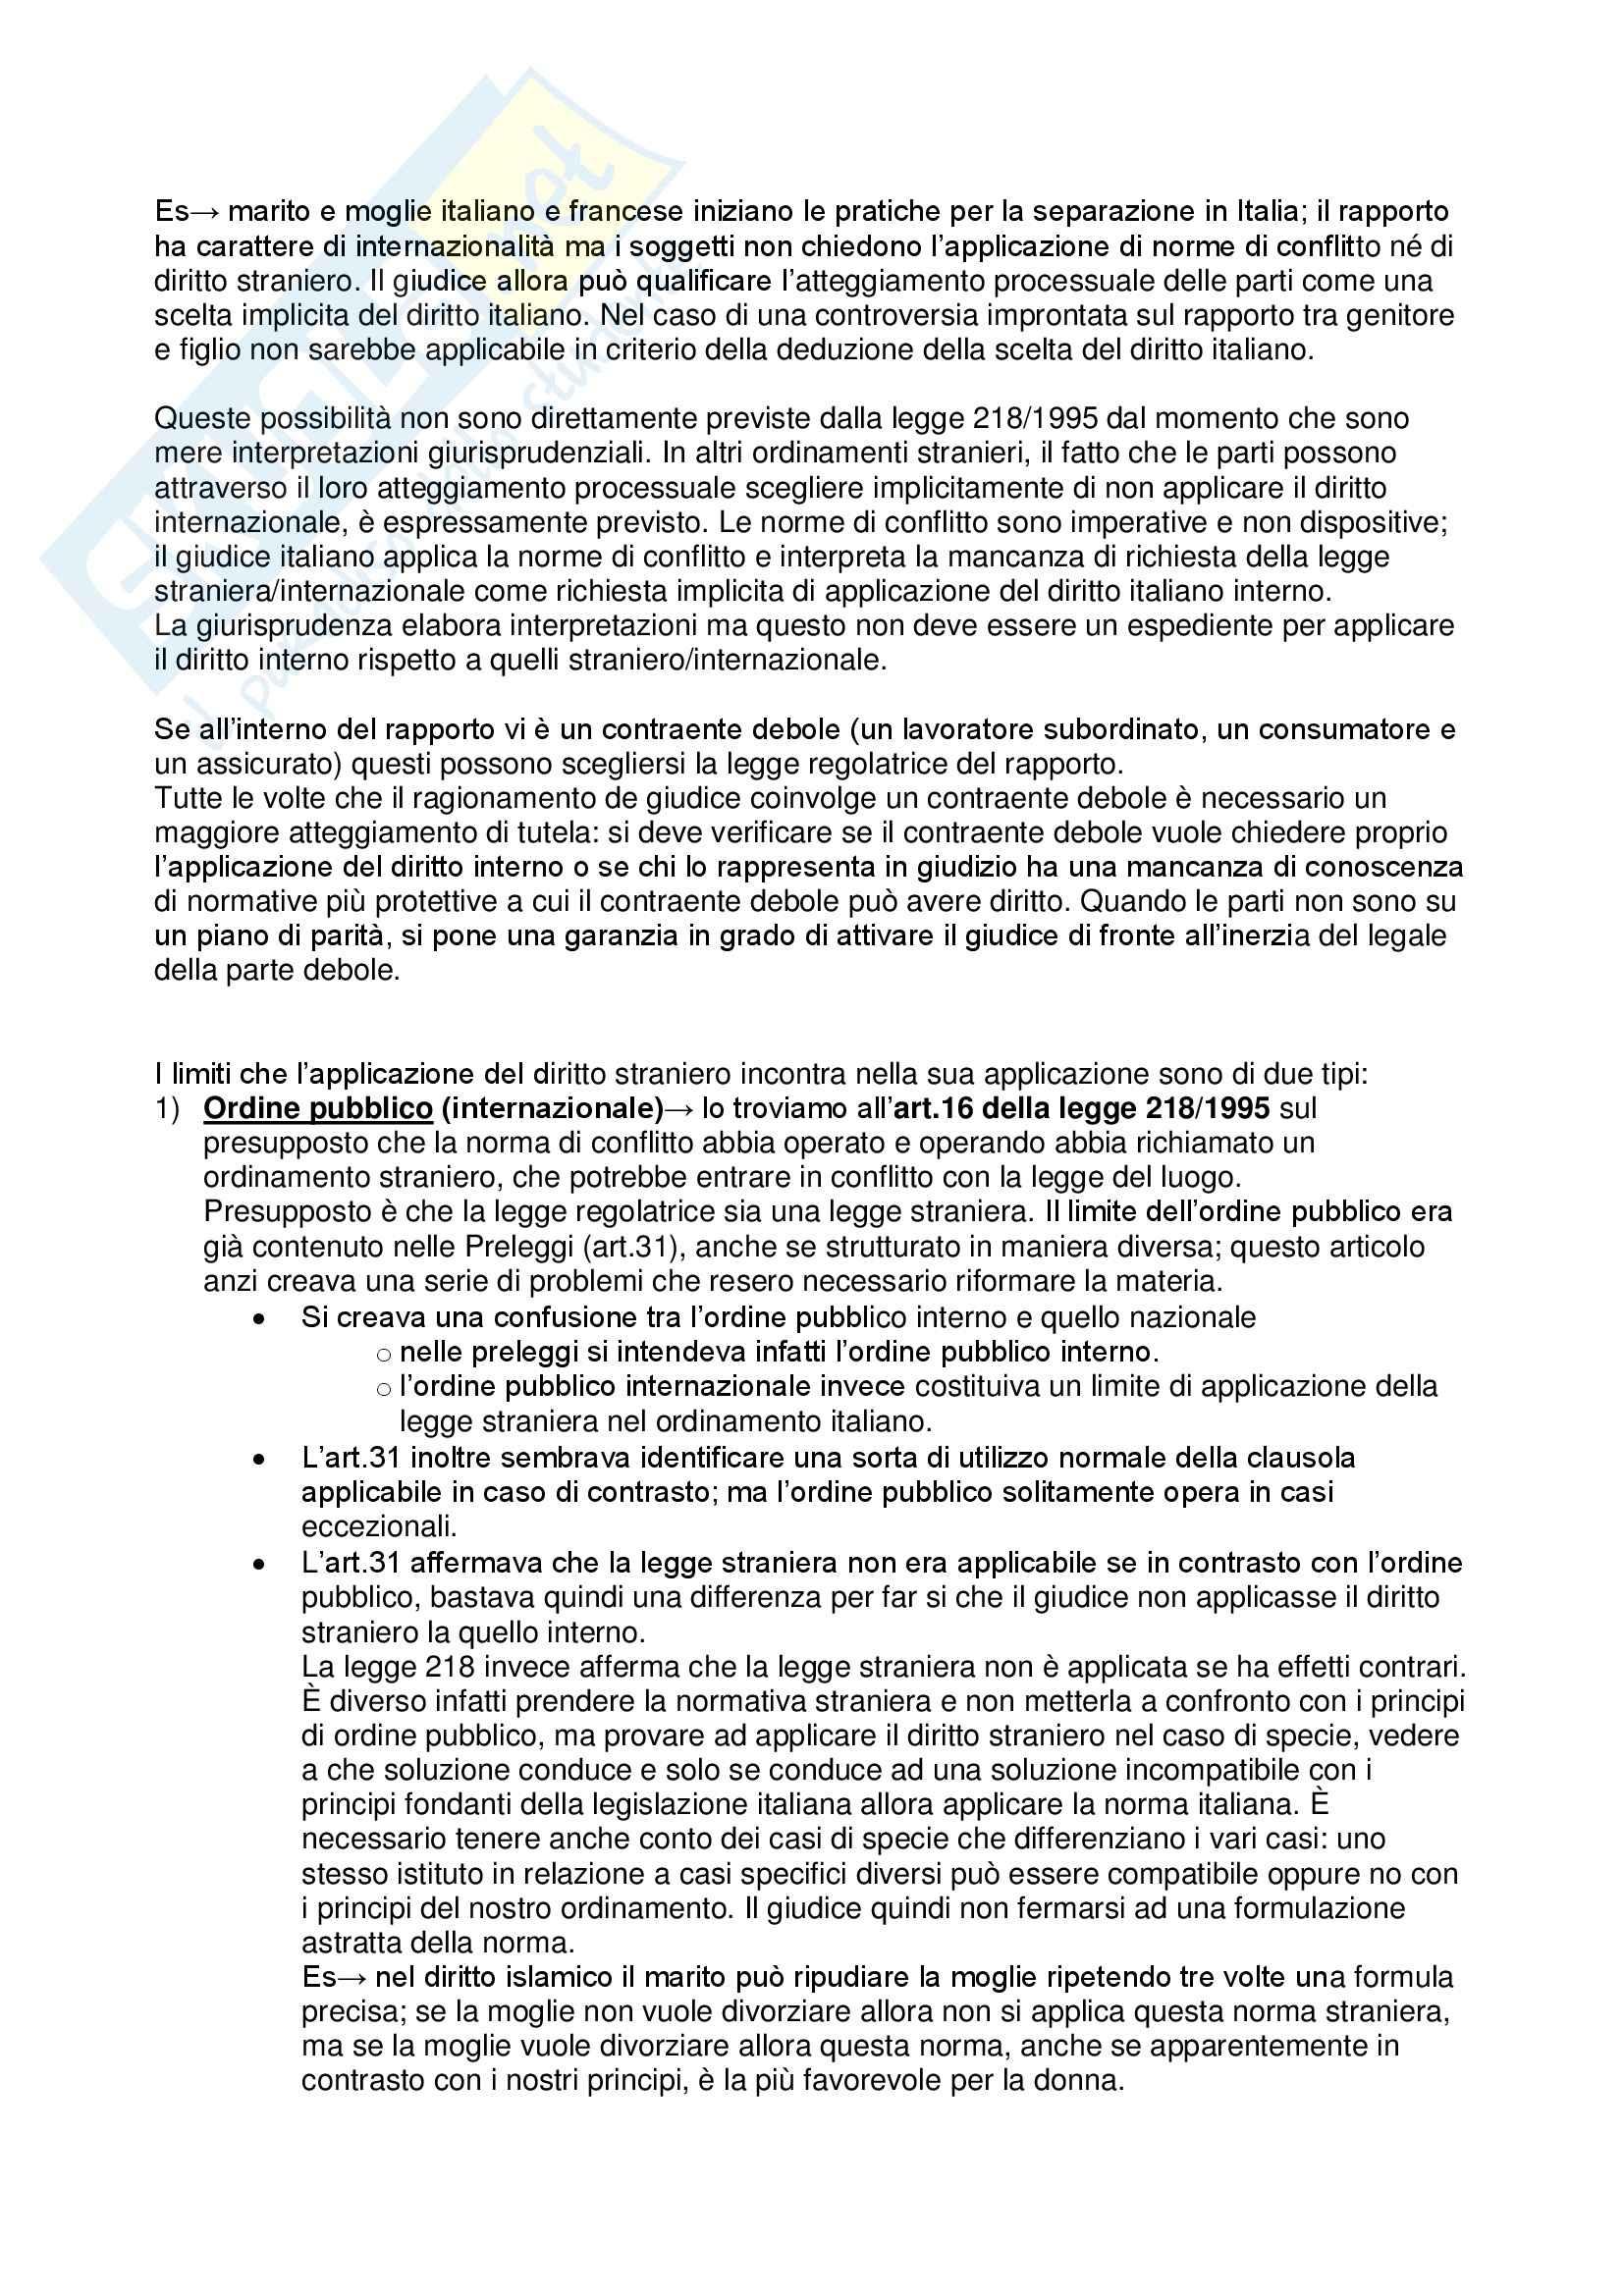 Appunti delle lezioni di diritto internazionale (privato e pubblico) della professoressa Ilaria Queirolo Pag. 11